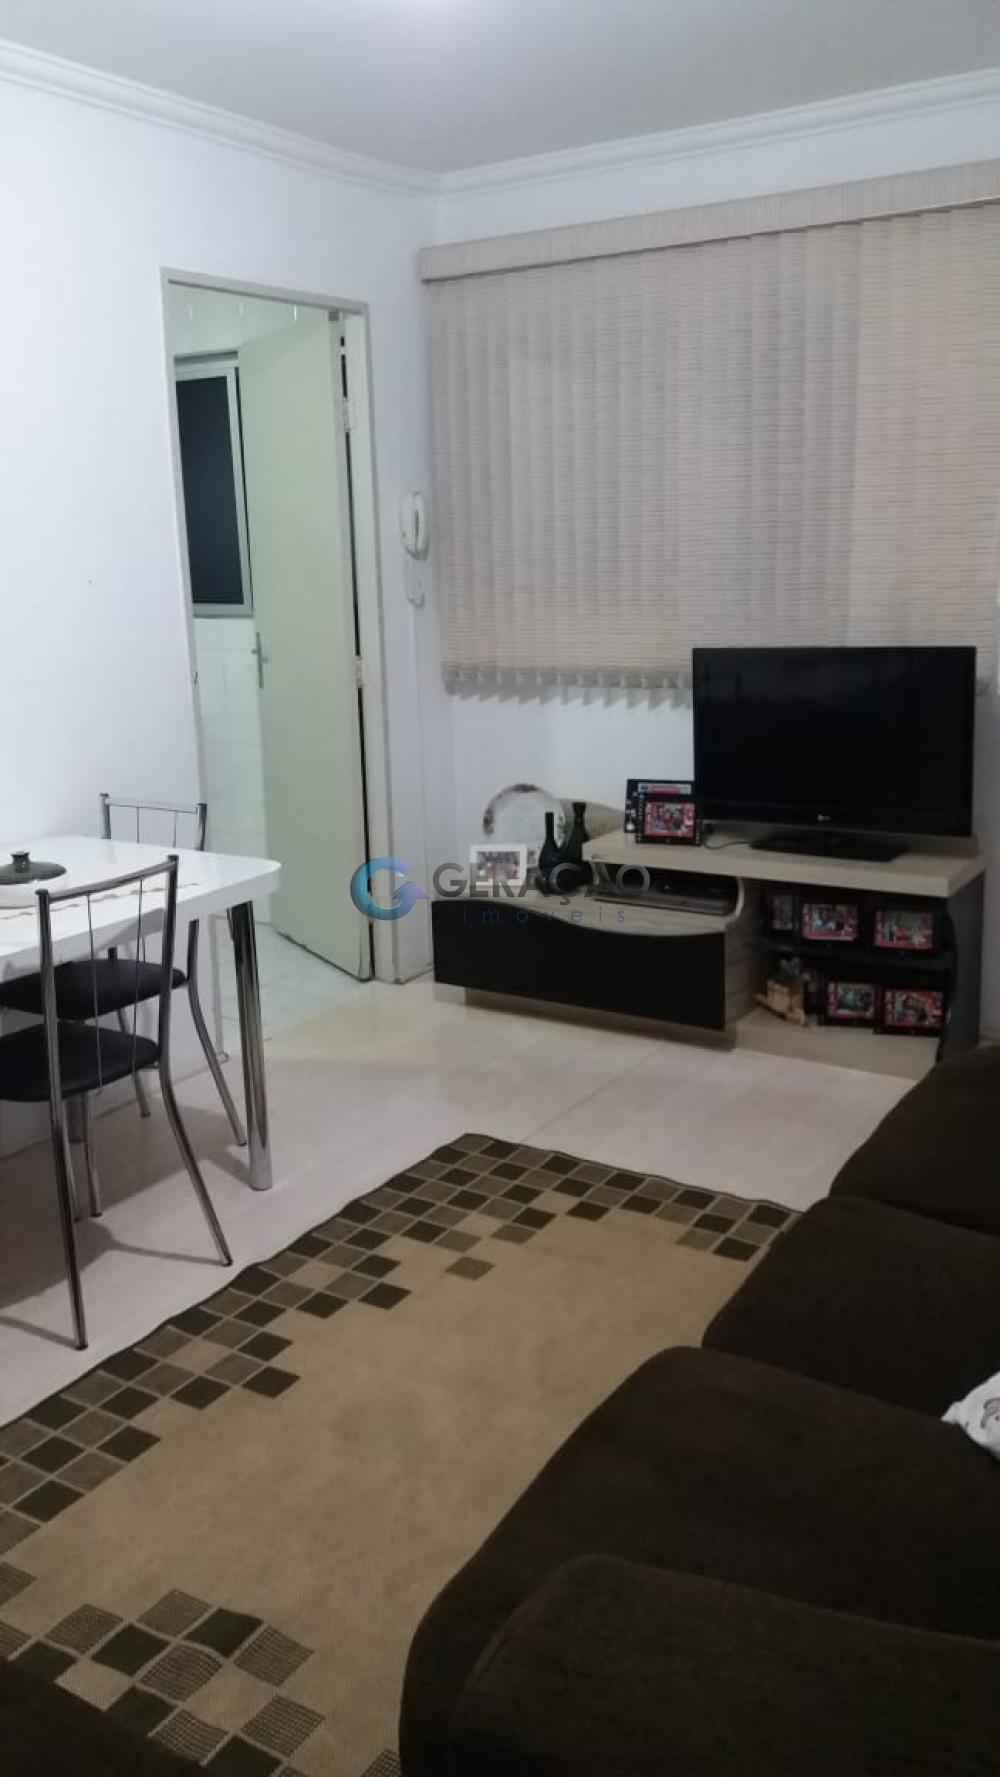 Comprar Apartamento / Padrão em São José dos Campos apenas R$ 165.000,00 - Foto 9